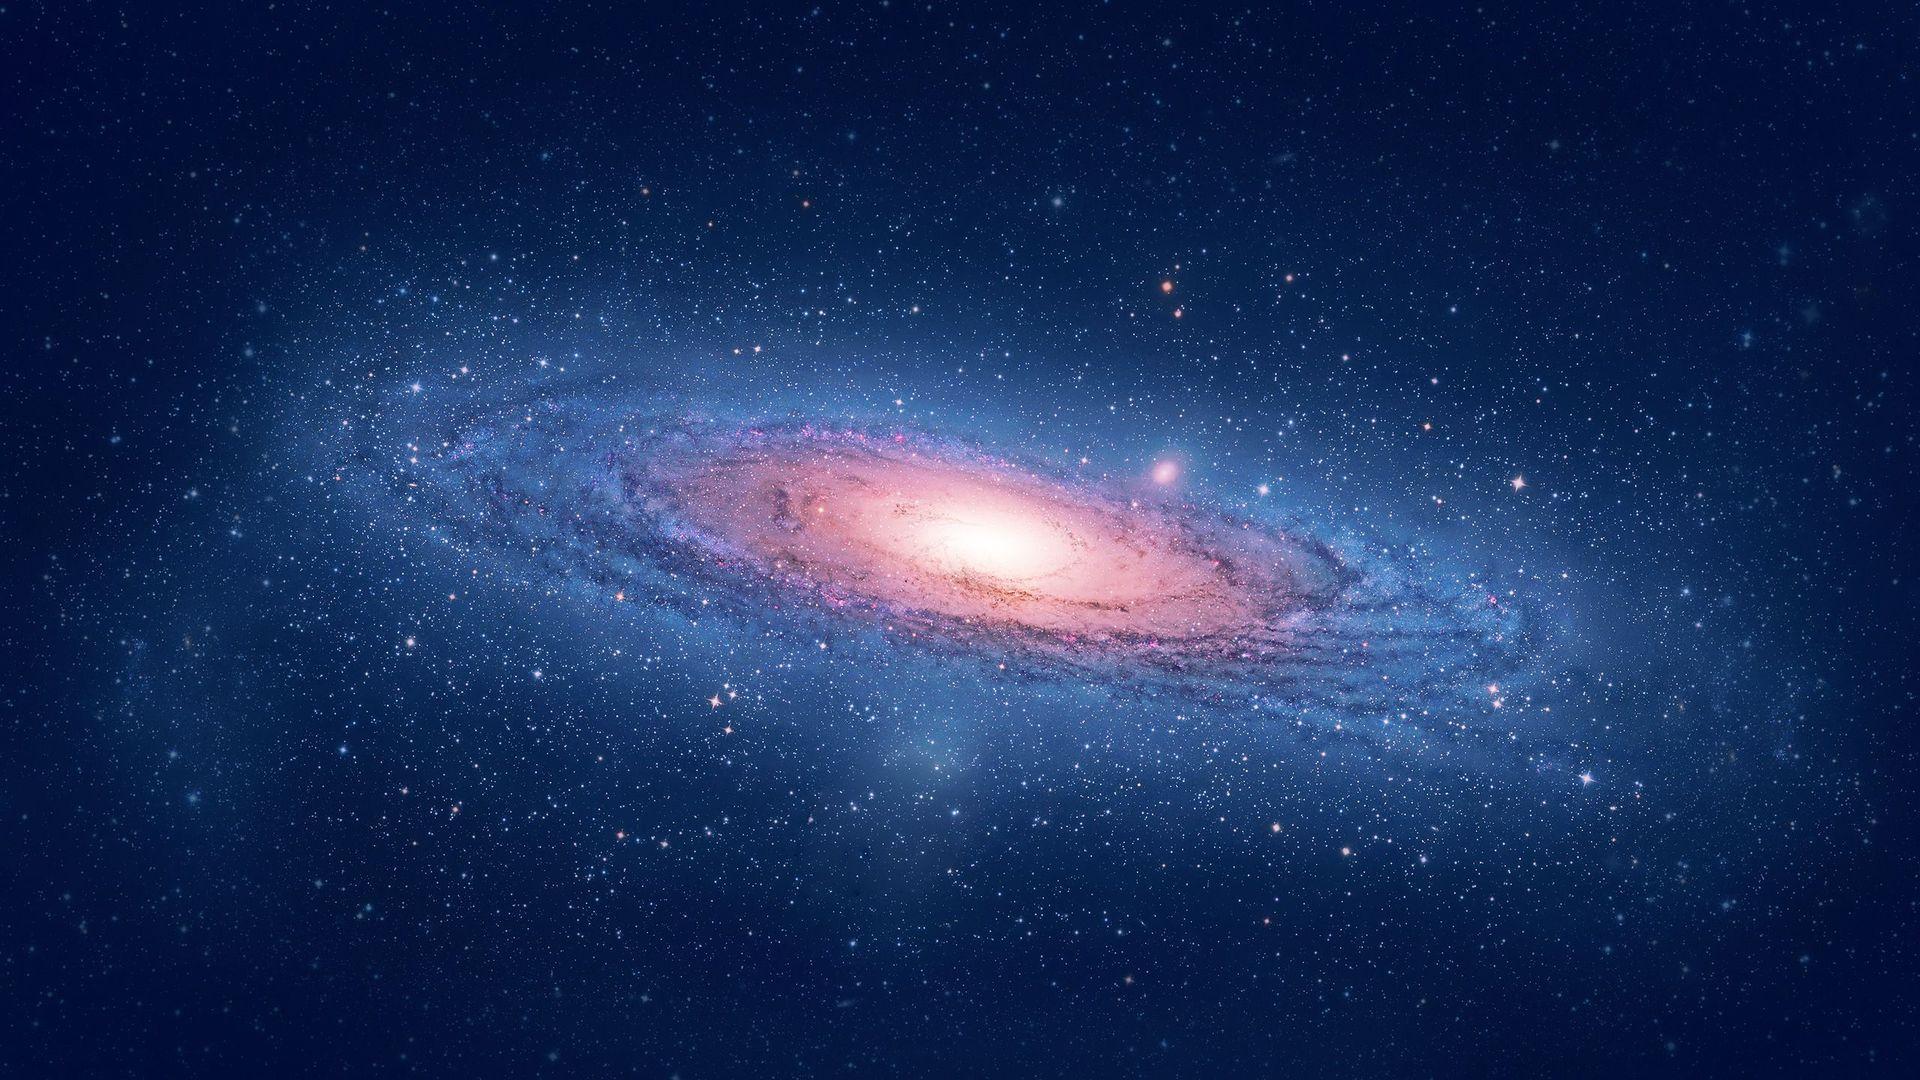 andromeda galaxy images - HD1920×1200